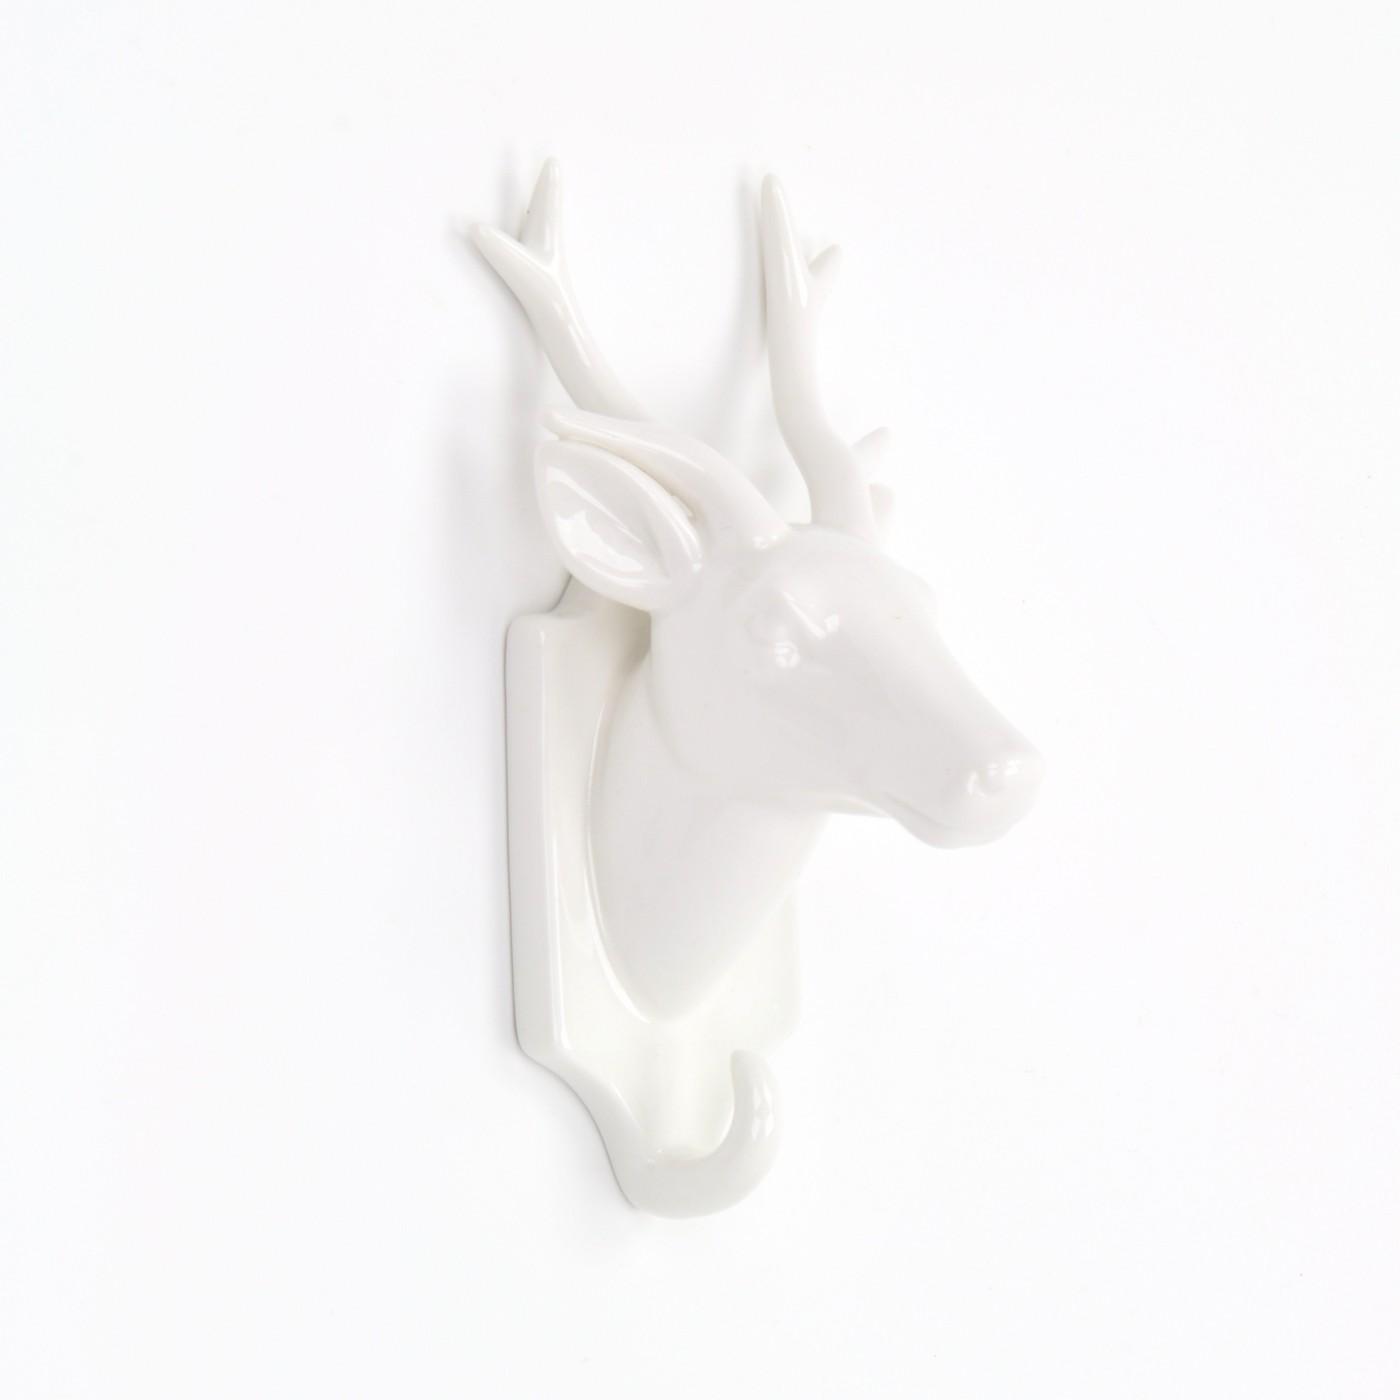 Animal-Pajaros-Buhos-Stag-Deer-Vida-Silvestre-en-forma-de-ganchos-de-Abrigo-Gancho-Puerta-montado-en